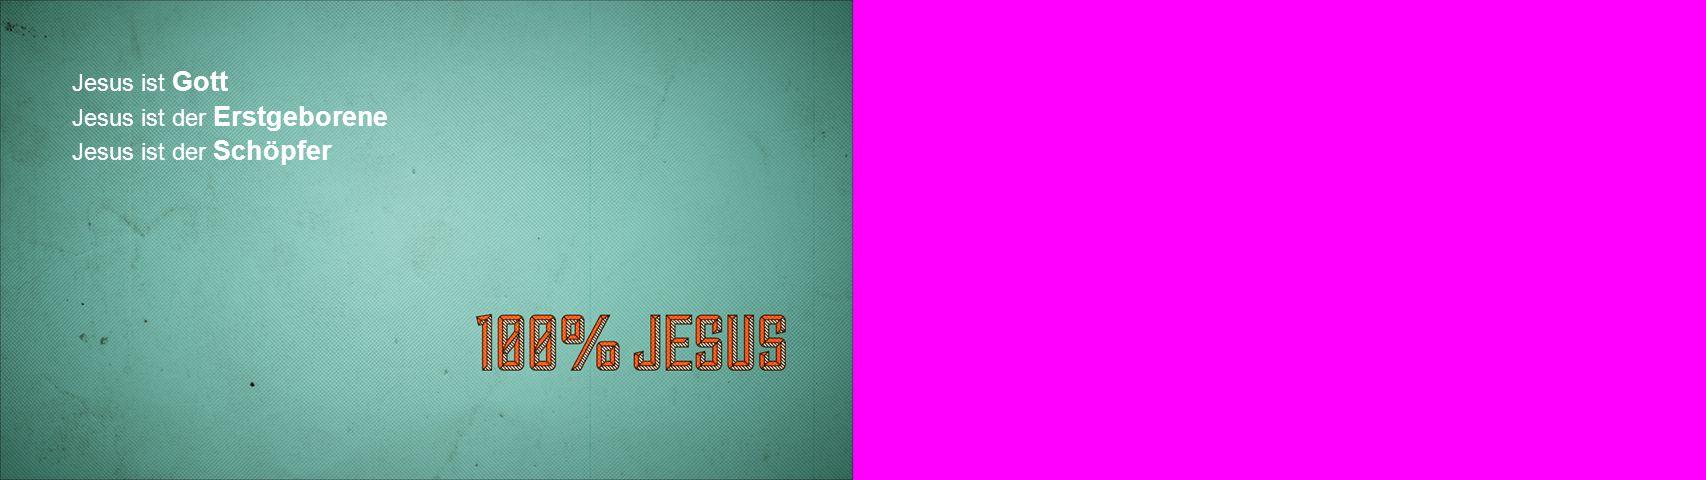 Jesus ist Gott Jesus ist der Erstgeborene Jesus ist der Schöpfer